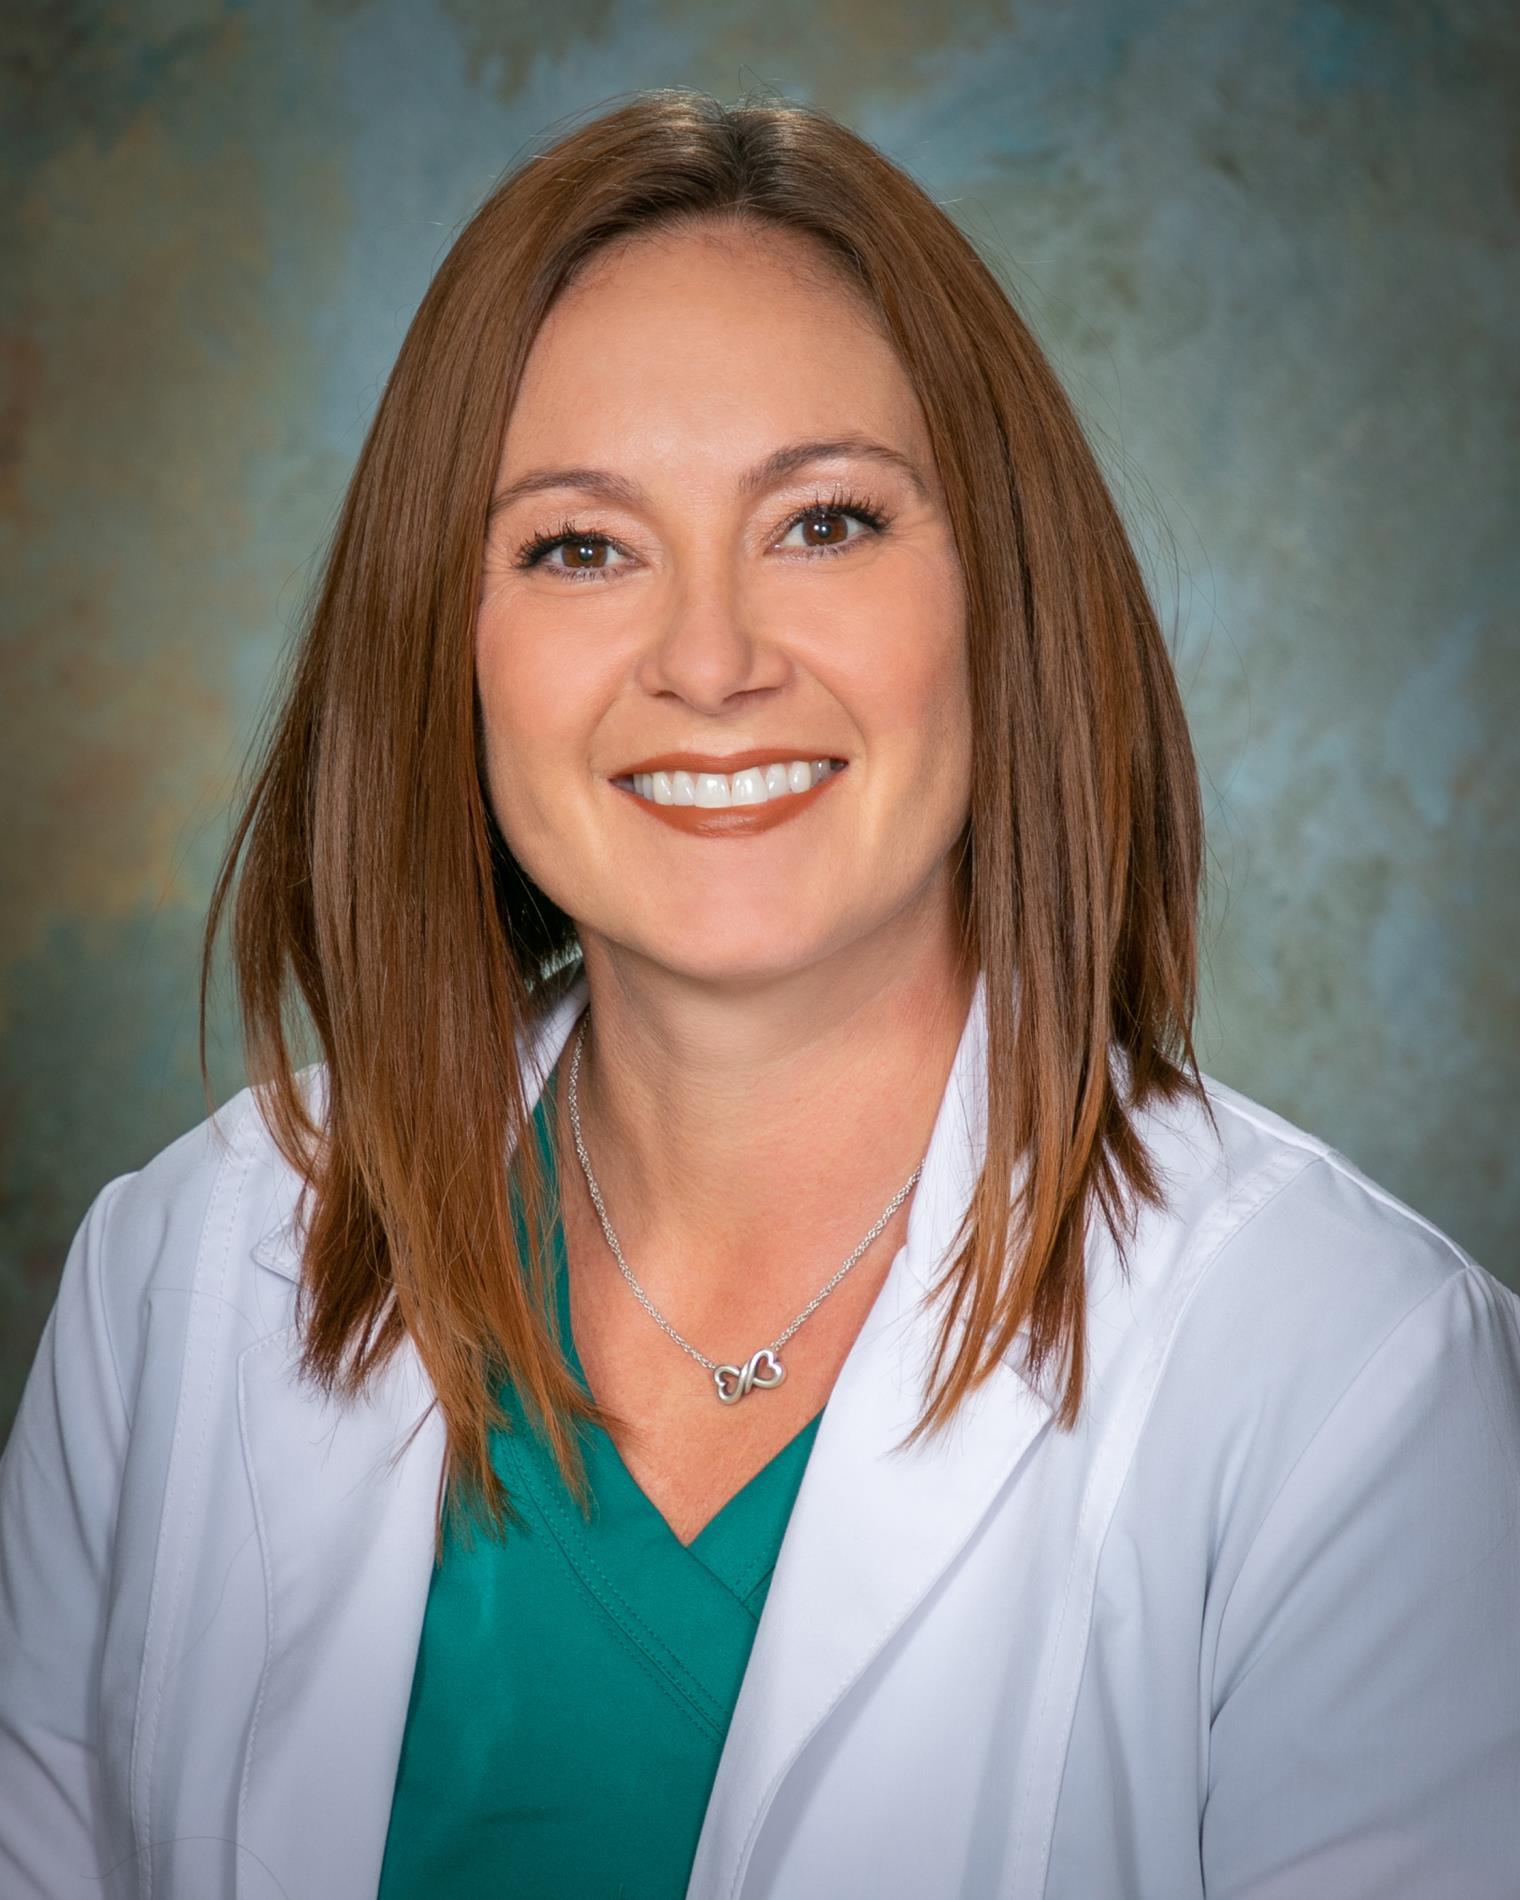 Amber Stevens, RN